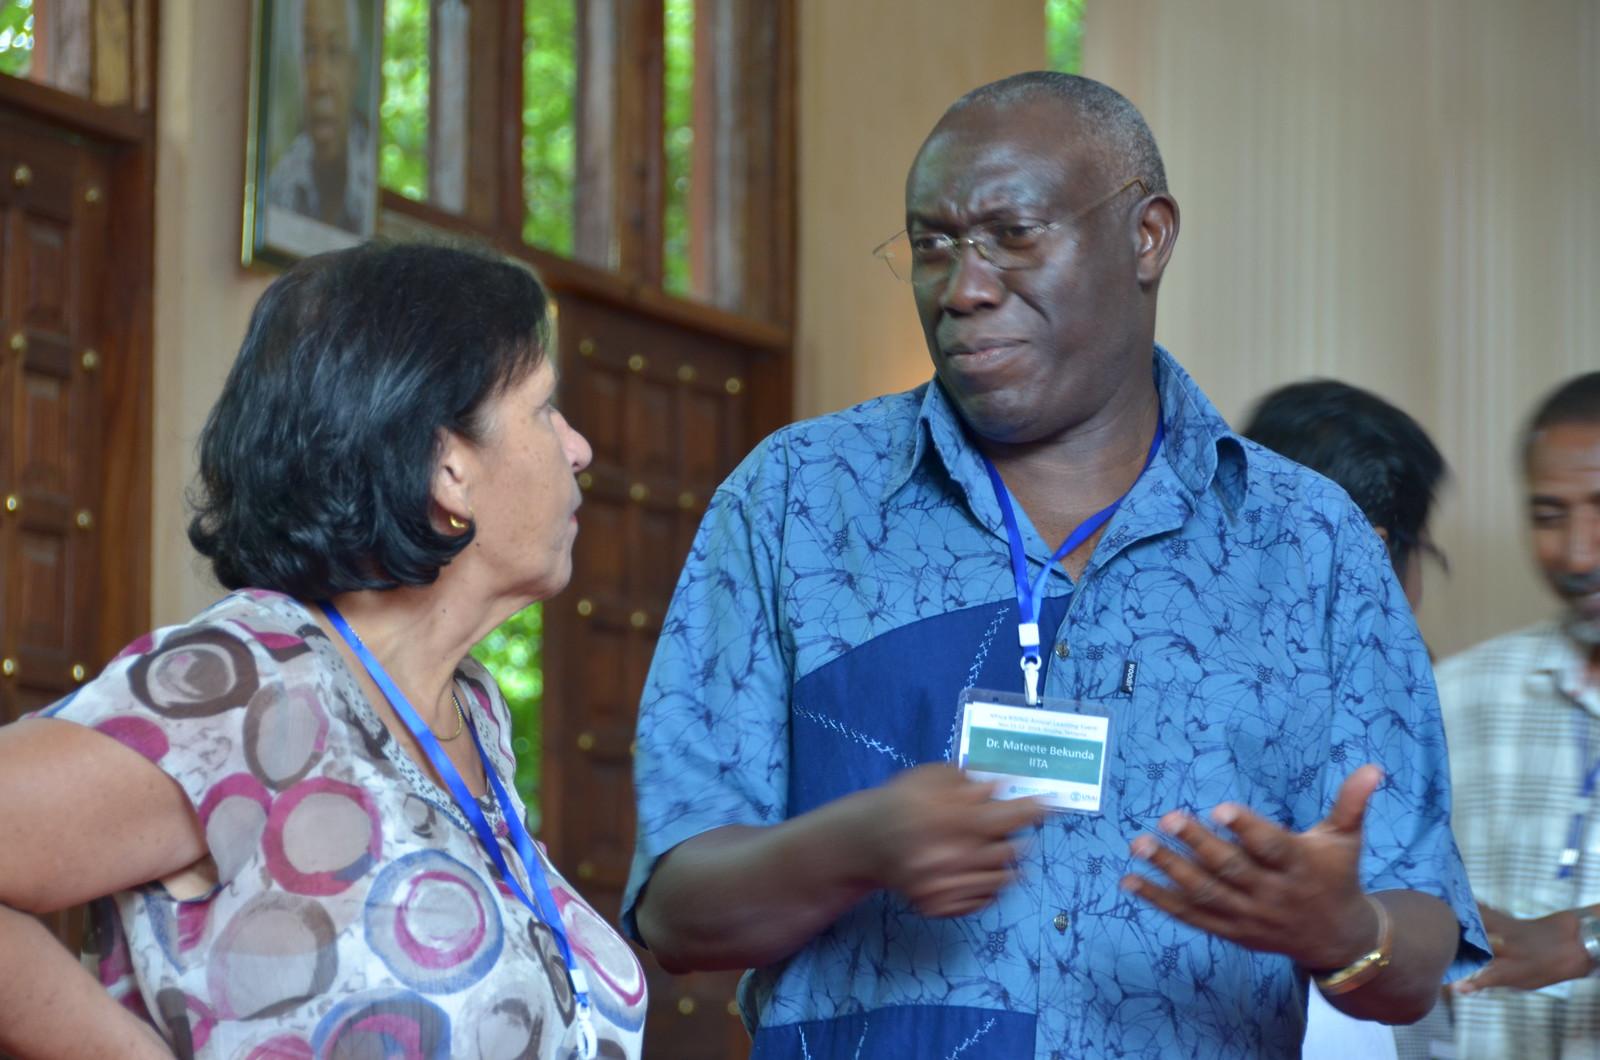 Irmgard Hoeschle-Zeledon and Mateete Bekunda (Photo credit: IITA/Jeffrey Oliver)